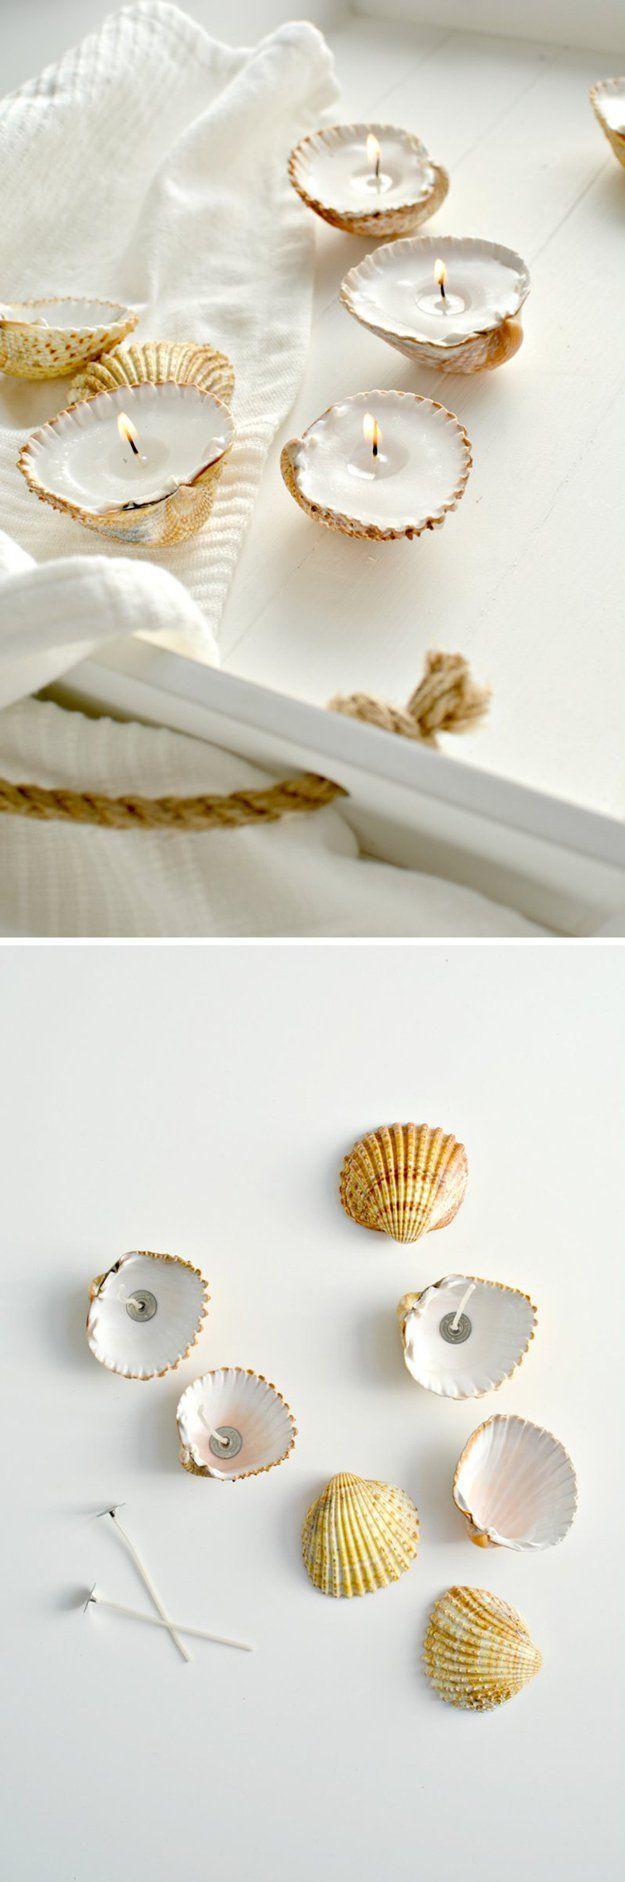 DIY Vela Tutoriales para decoración de baño | http://artesaniasdebricolaje.ru/bathroom-decorating-ideas-on-a-budget/